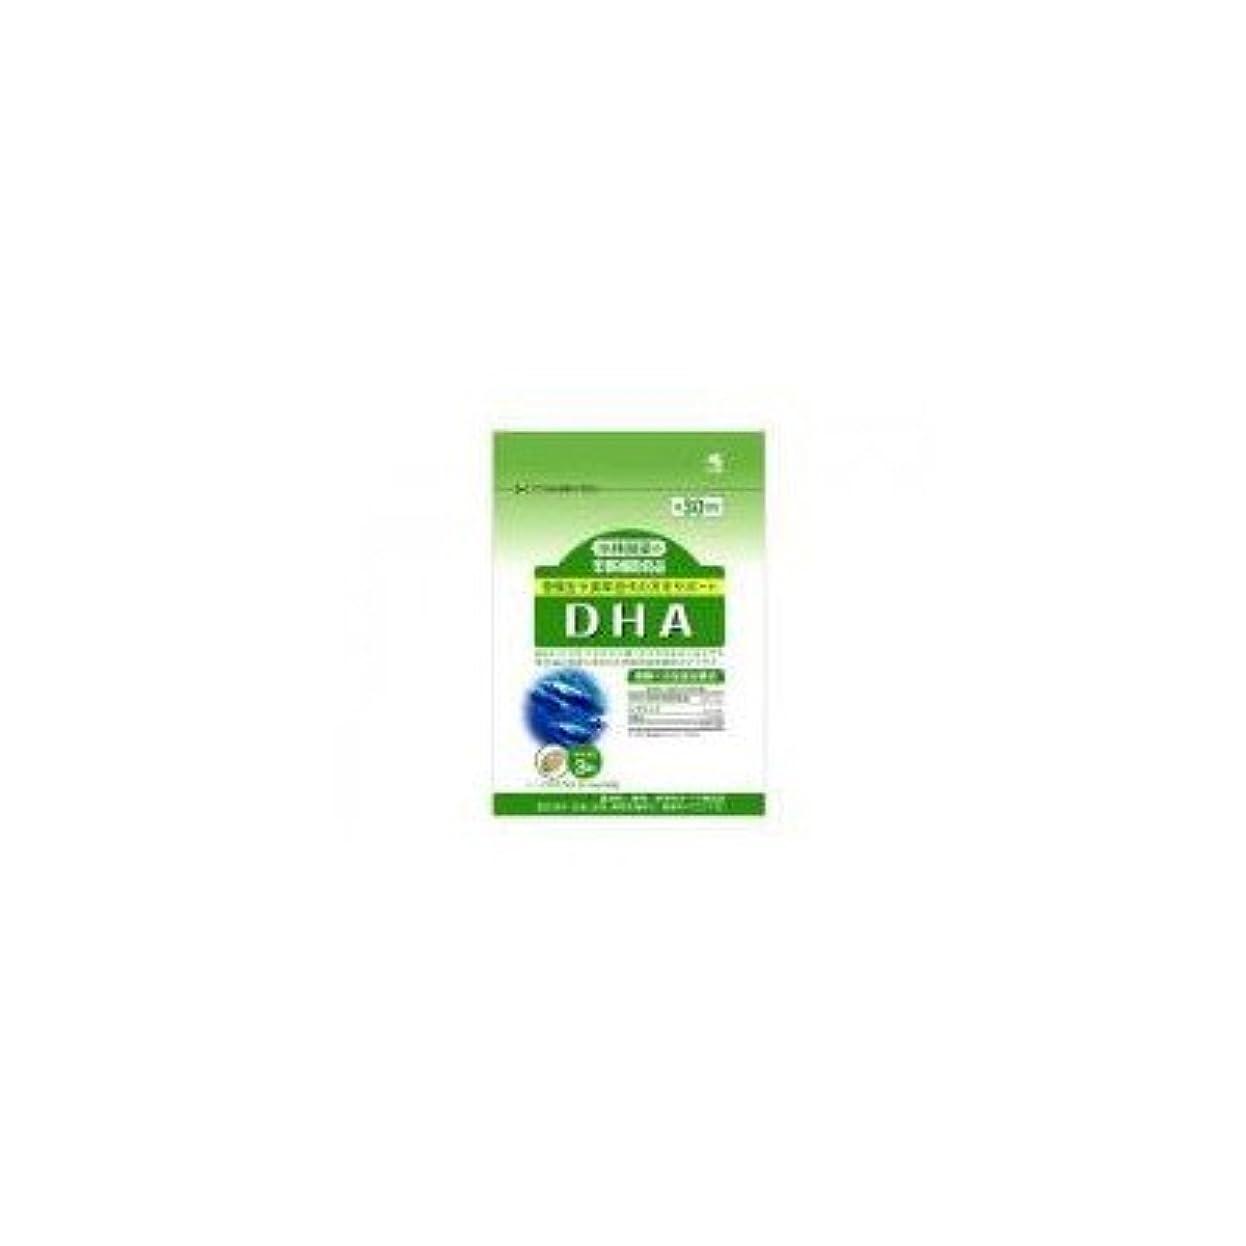 注文繁殖しなければならない小林製薬の栄養補助食品 DHA(90粒 約30日分) 4セット